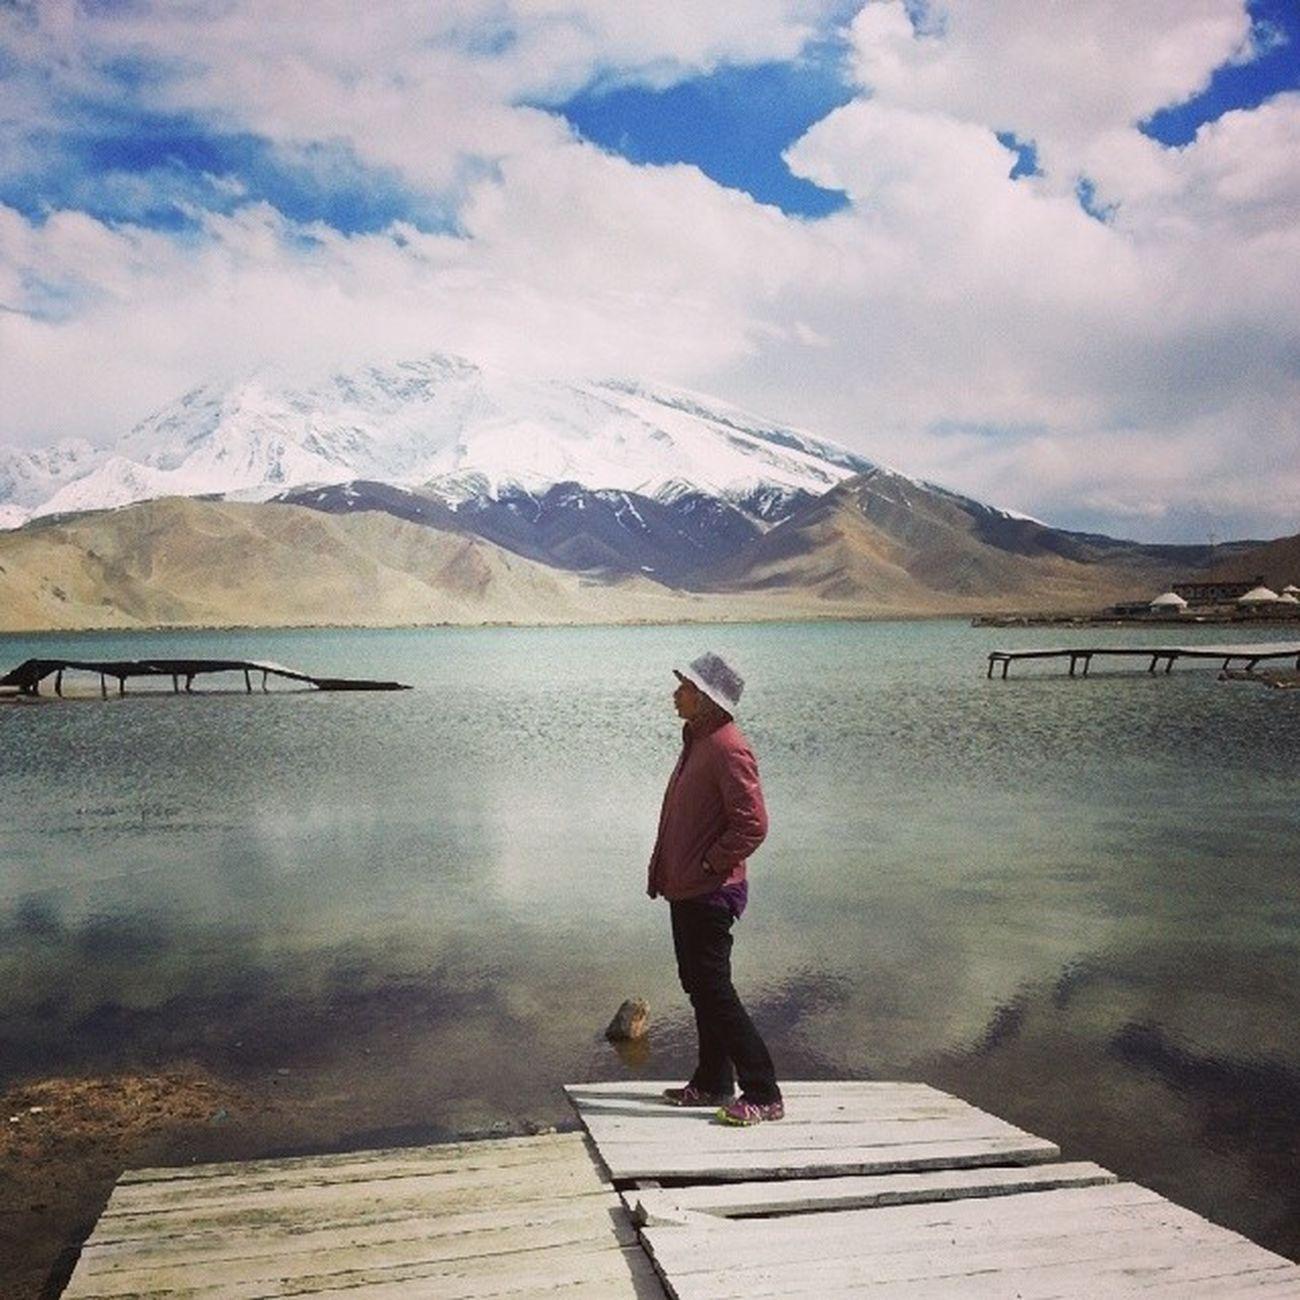 KarakulLake XinjiangprovinceChina Myjourney2014 Travellers Travel2014